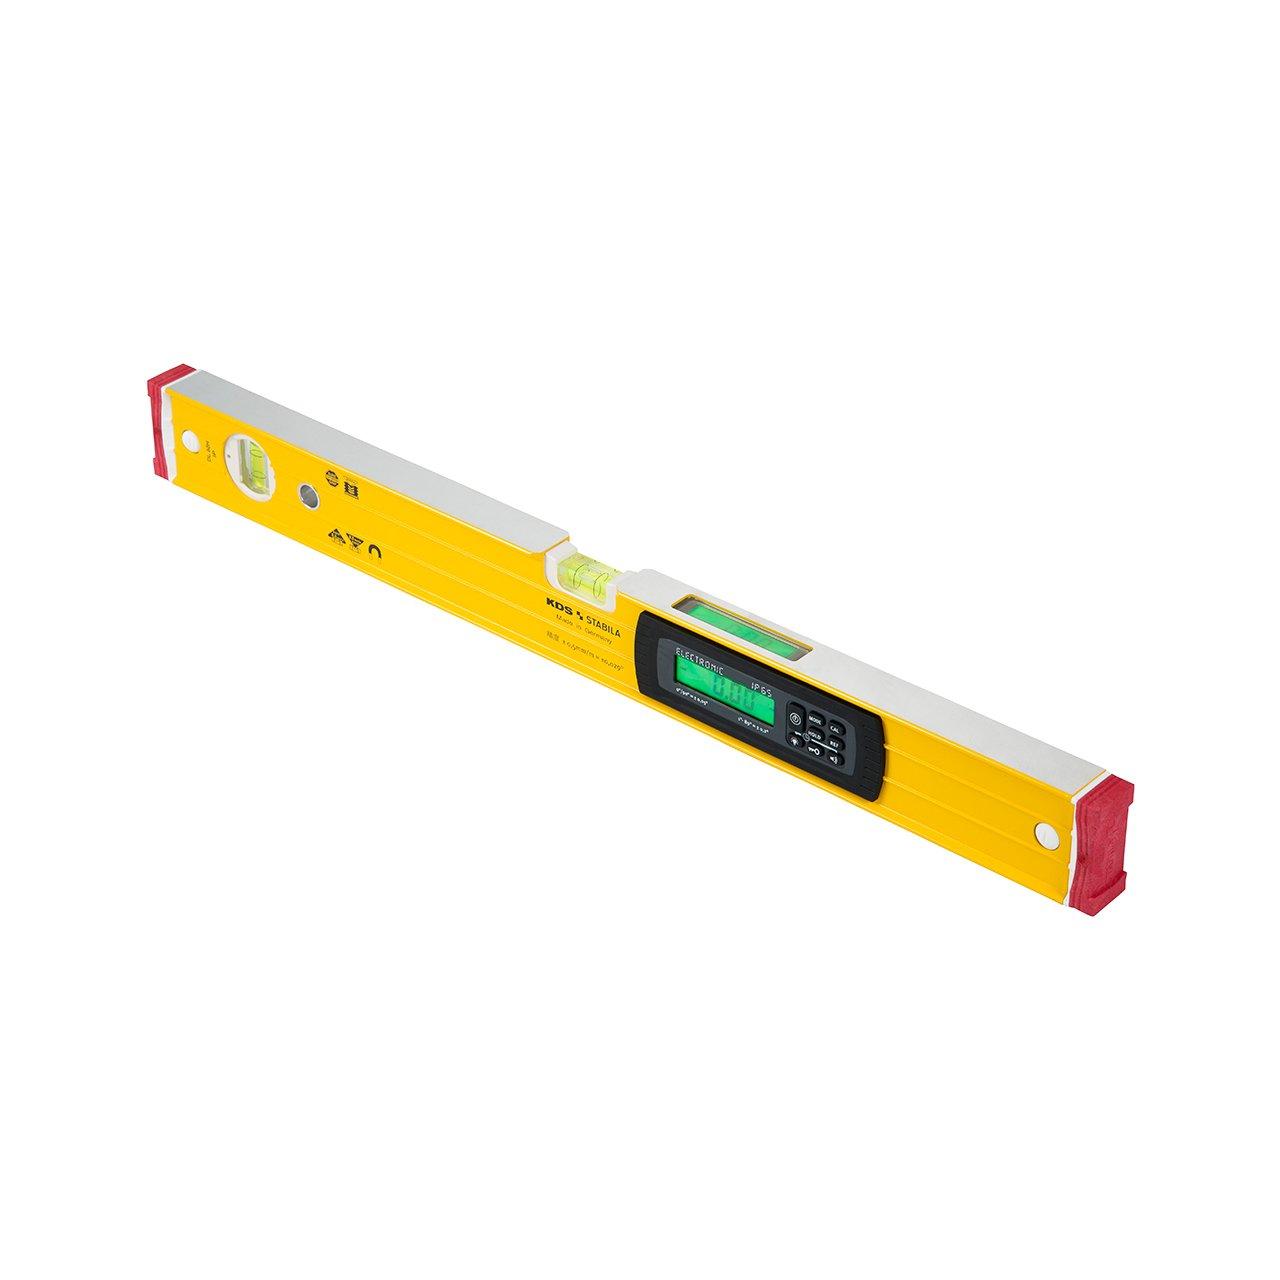 ムラテックKDS マグネット付デジタル水平器60IP DL-60MIP B01M5JNU5W